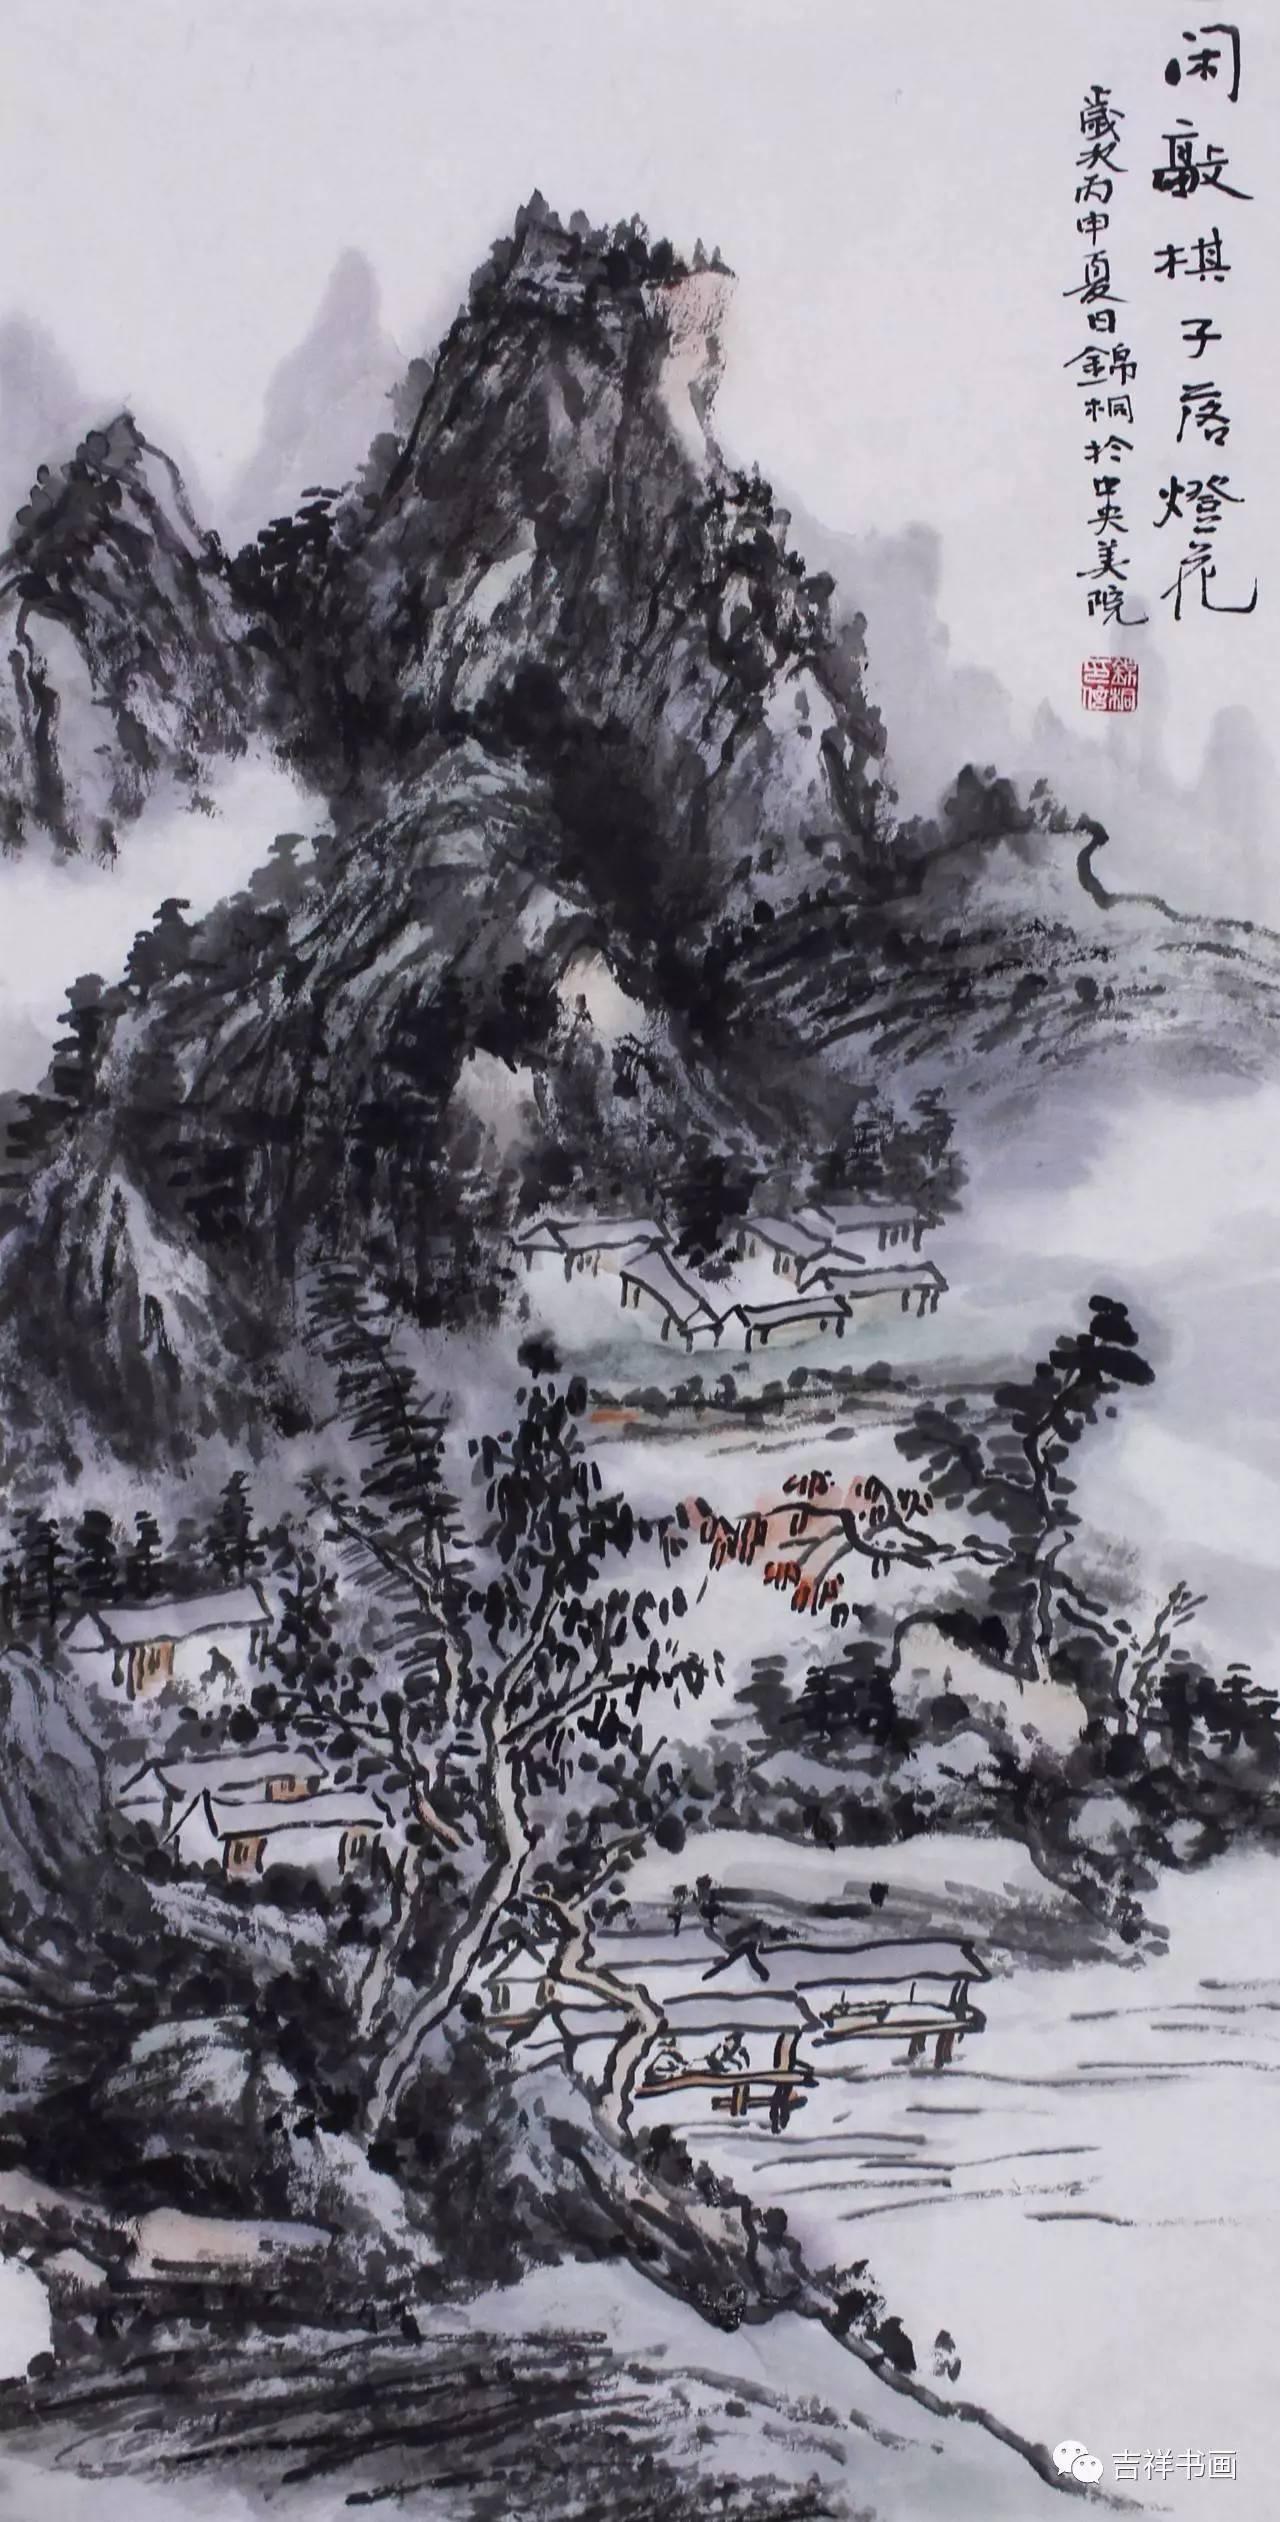 【565期】【吉祥拍卖】何昌贵--李林宏--曾云志--李栋才--吕佚山.图片